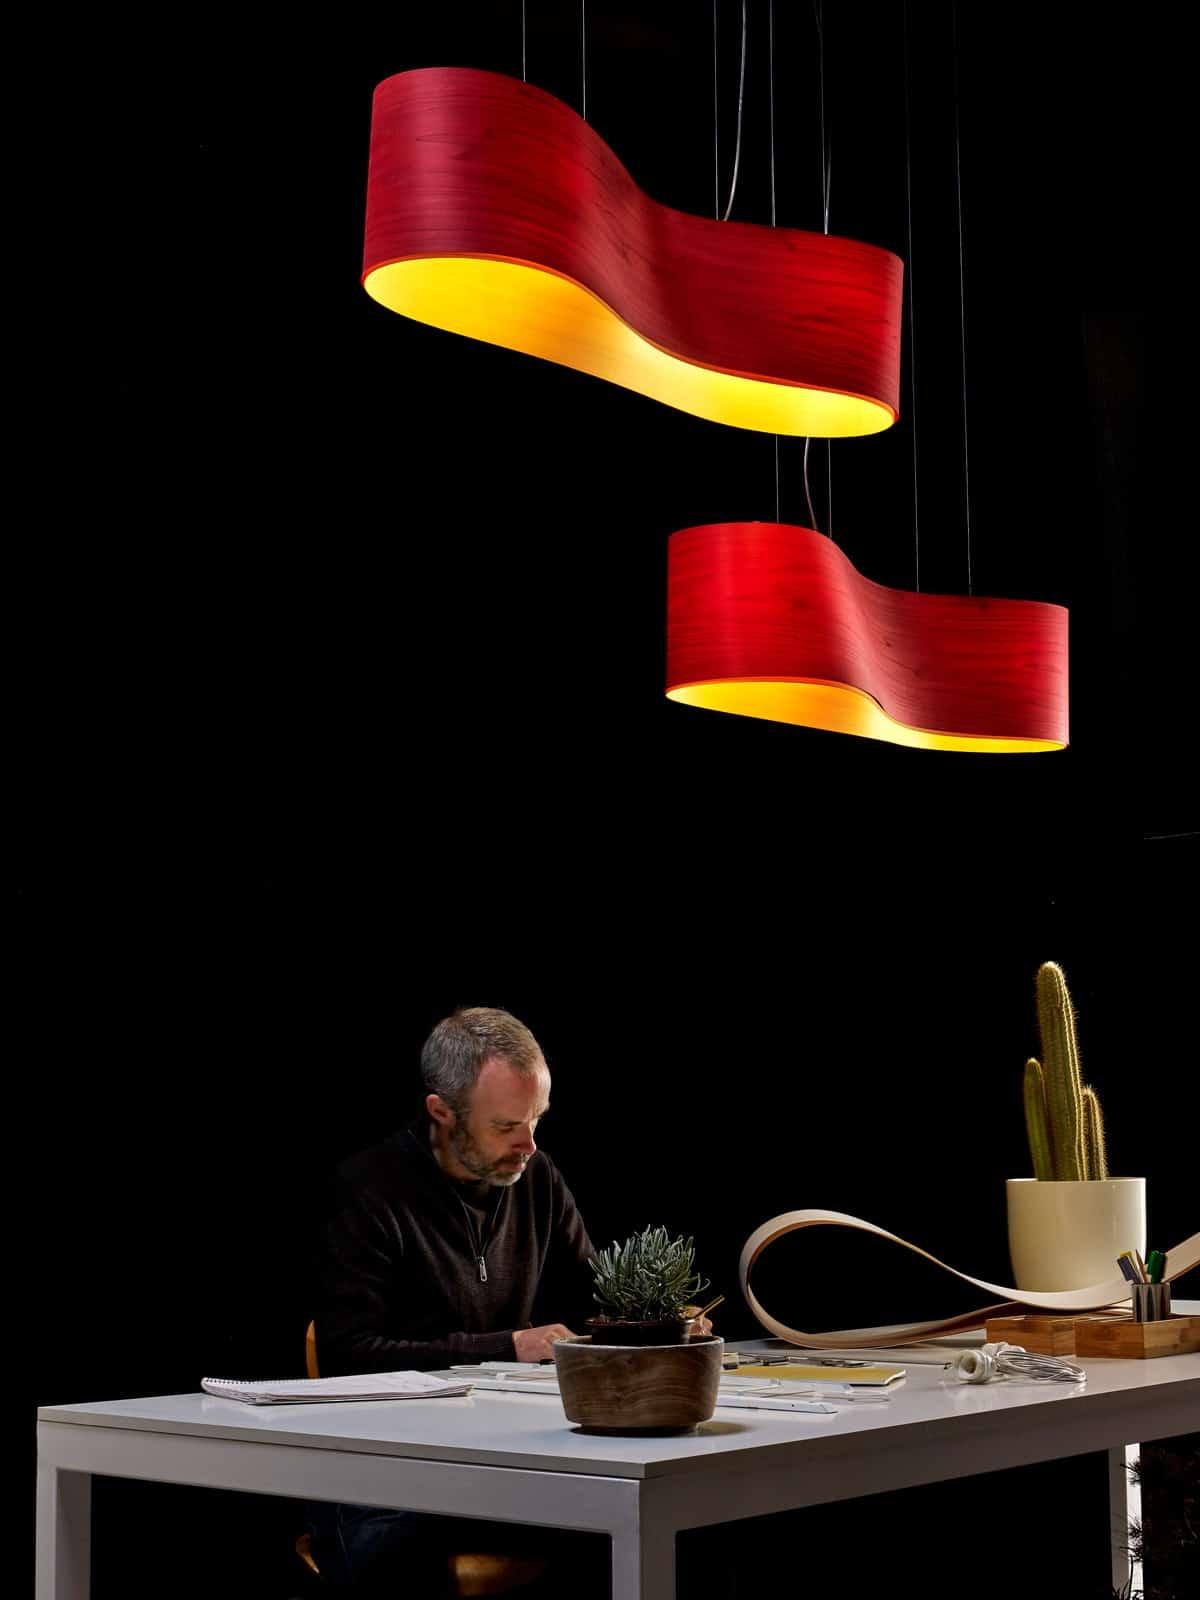 LZF-New-Wave-rot-deco Faszinierend Led Lampen Leuchten Nach Dekorationen